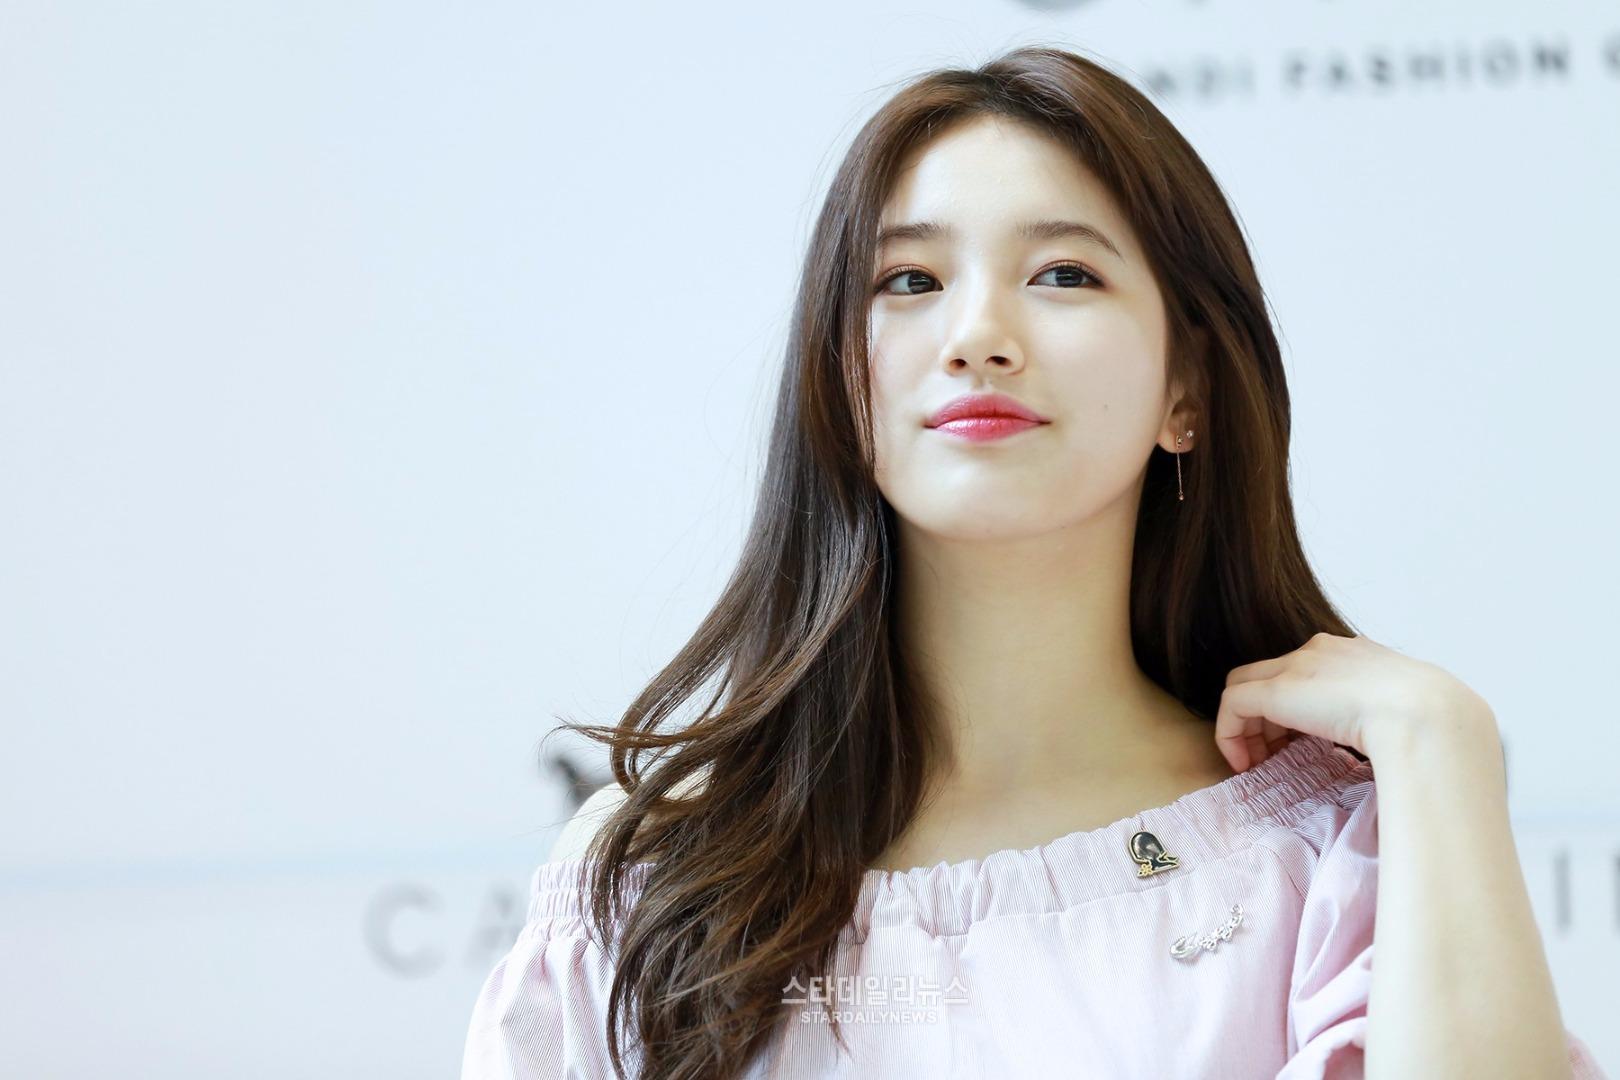 JYP đưa ra thông tin mới nhất về hợp đồng với Suzy